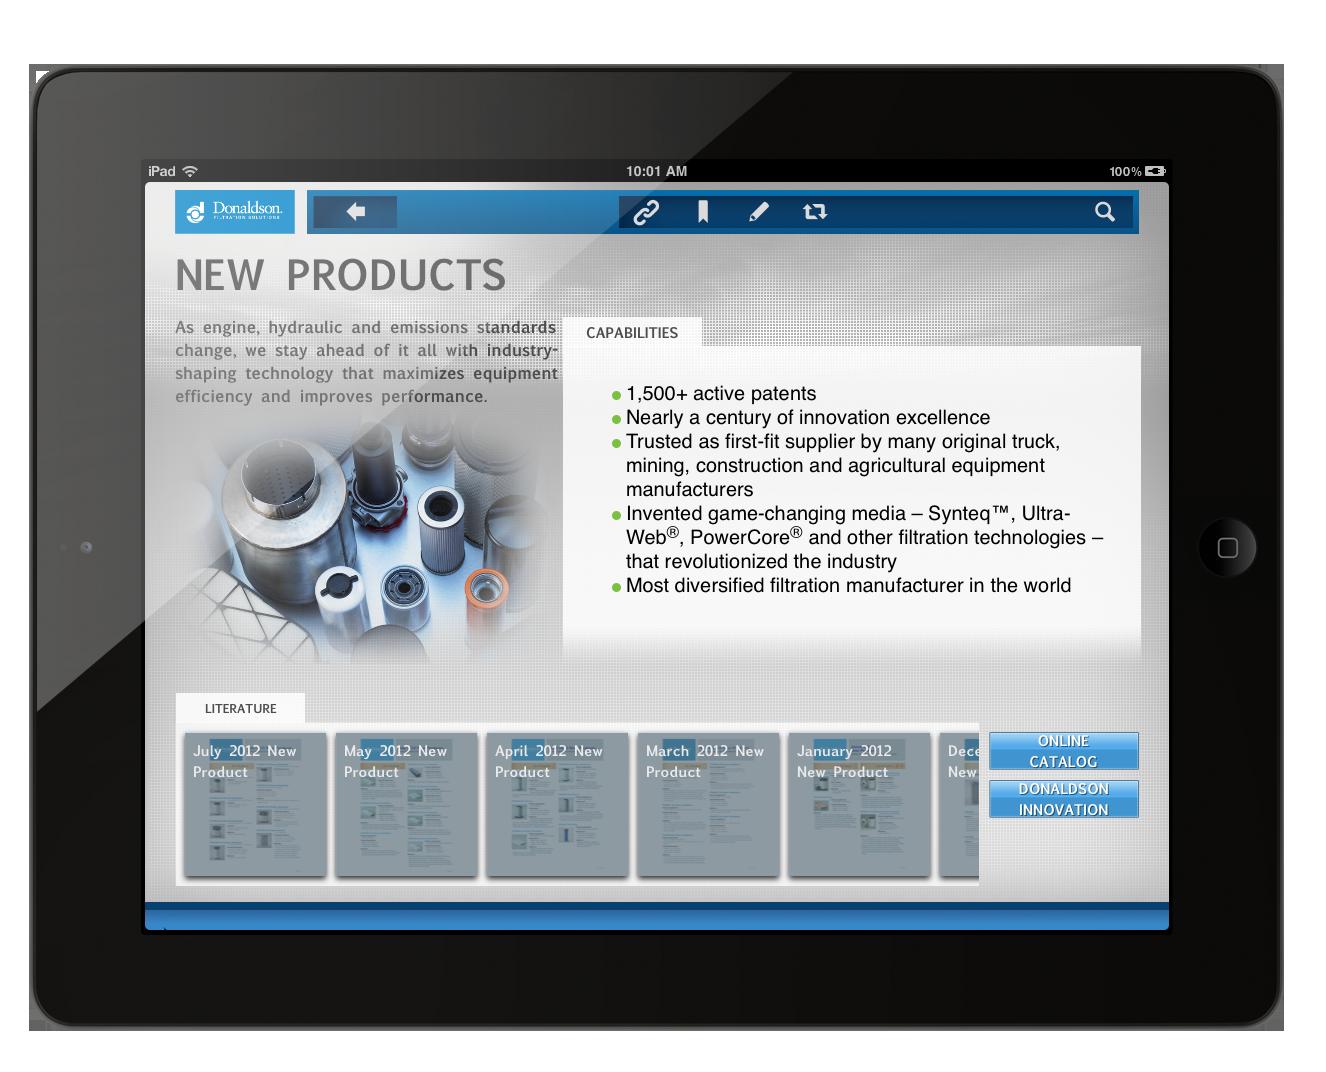 Donaldson Parts Catalog : Donaldson object partners